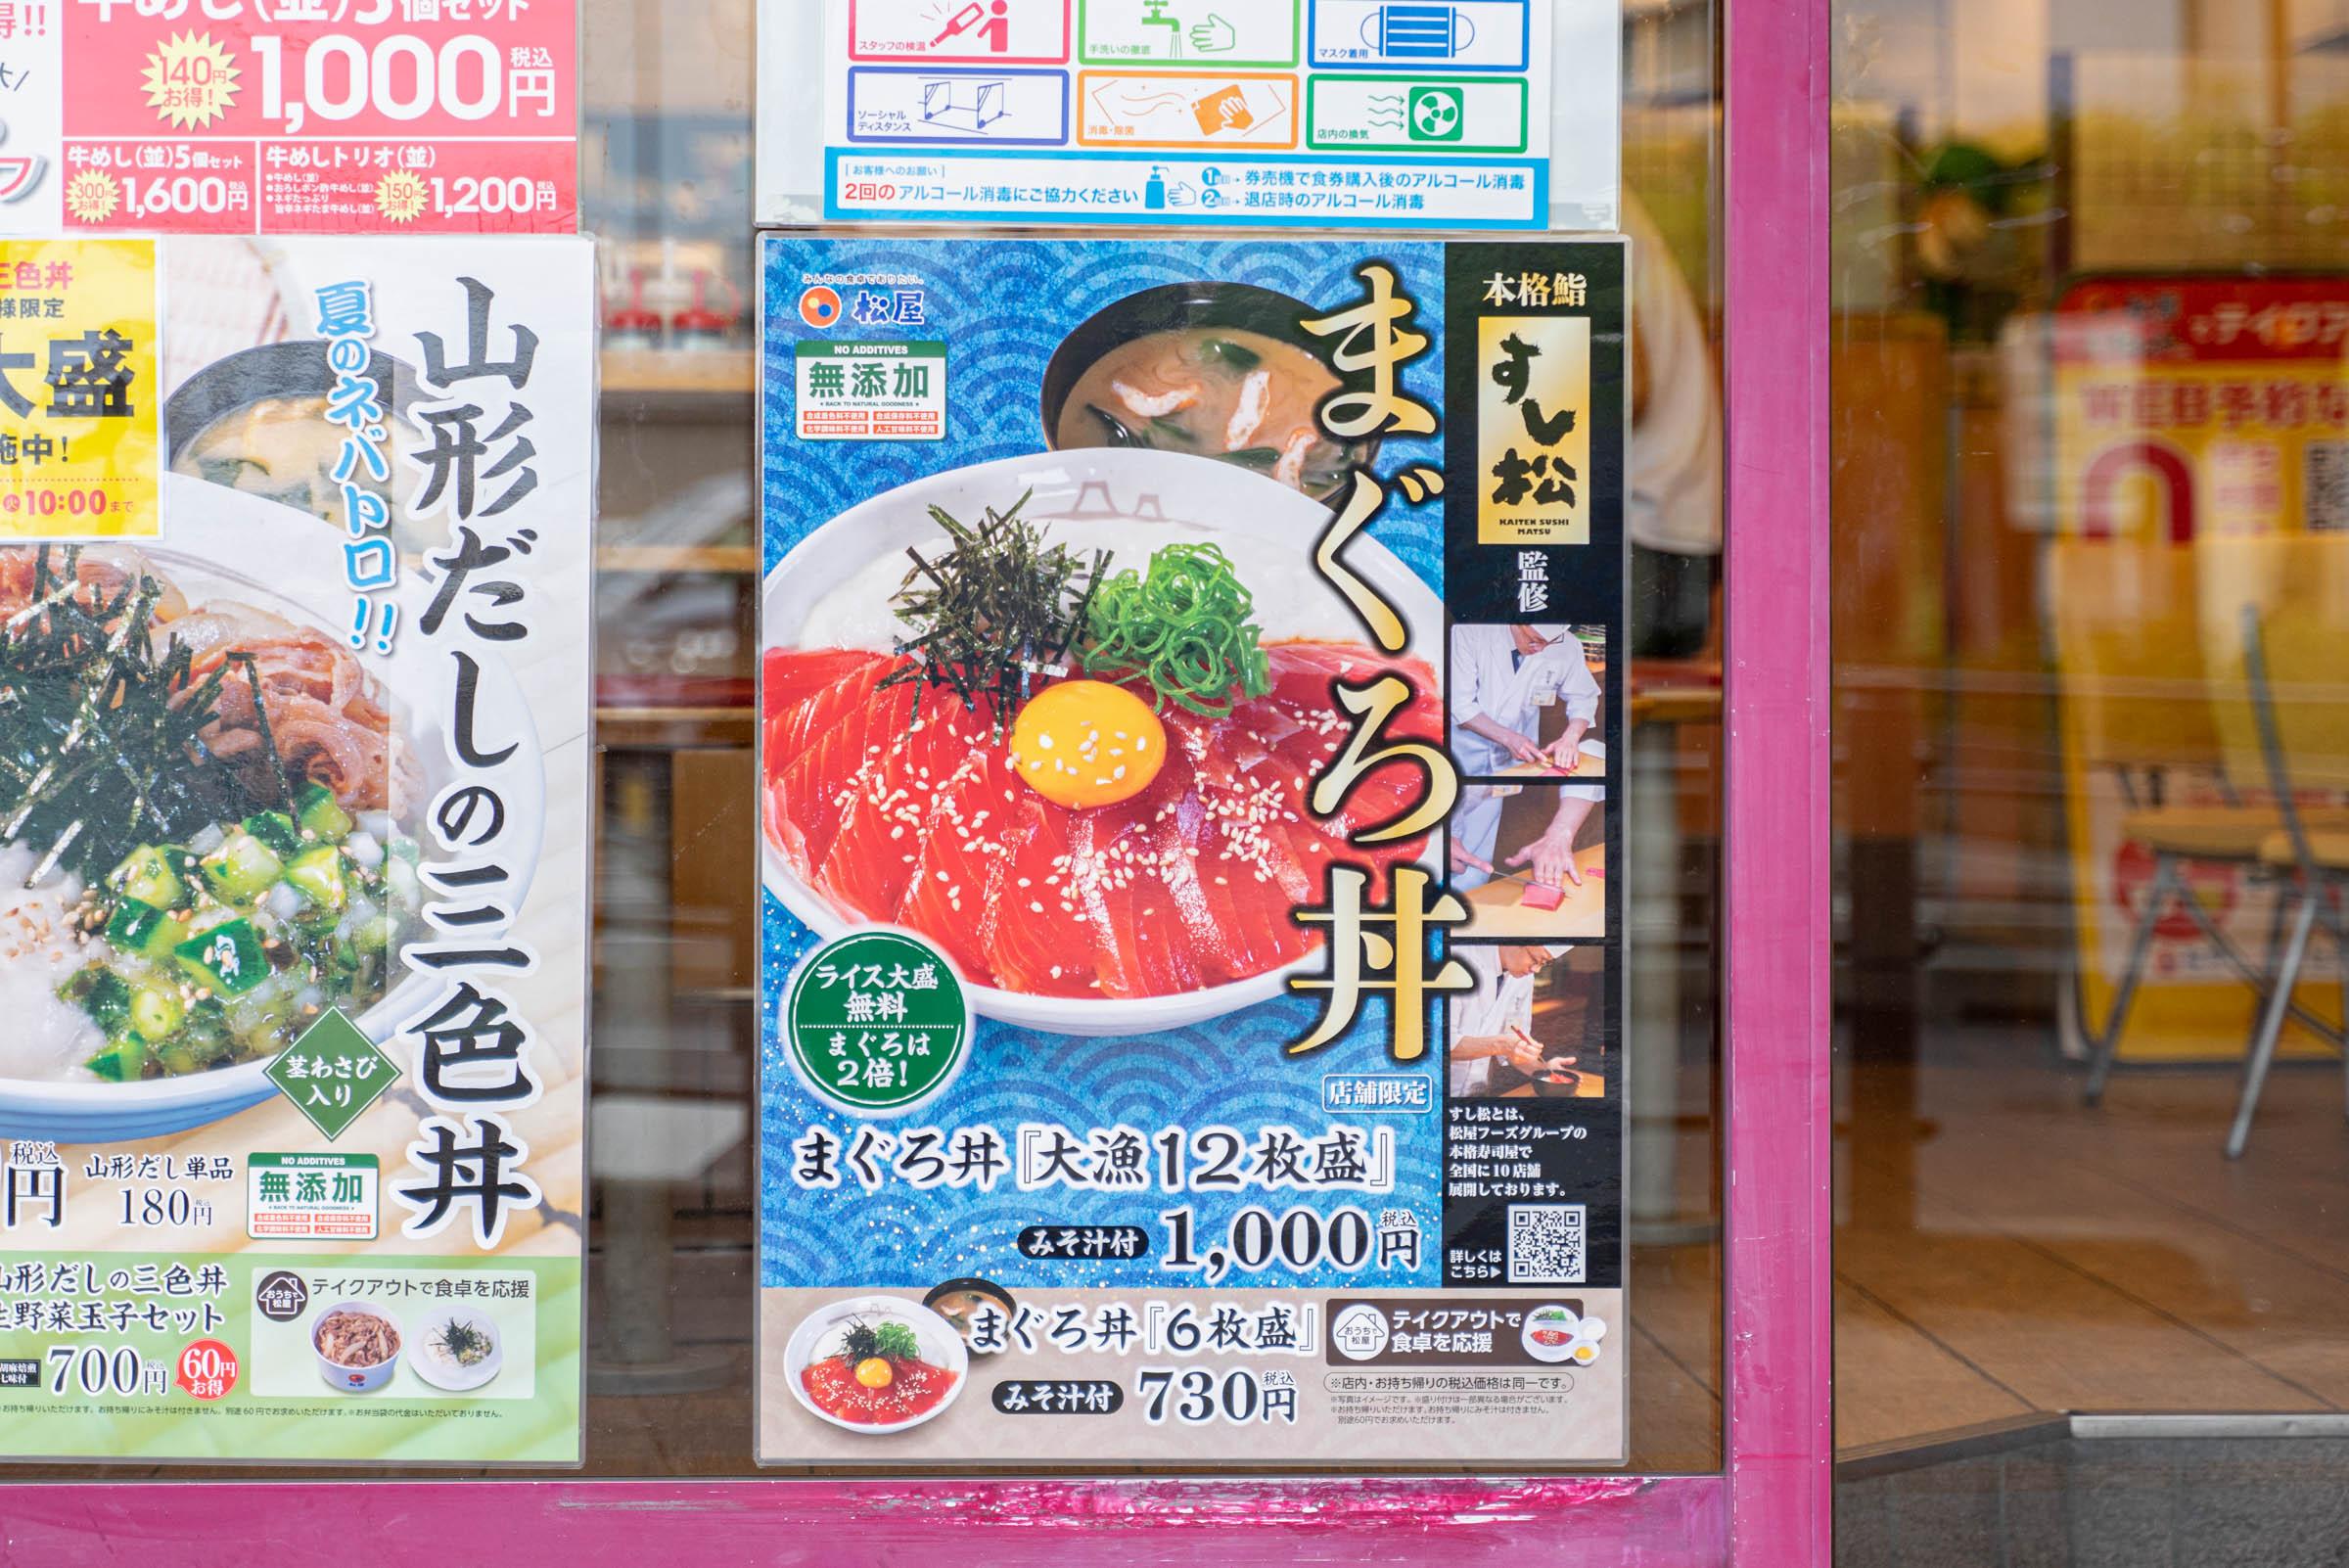 松屋の「まぐろ丼」が本気すぎてヤバい! 牛丼屋ってレベルじゃねーぞオイ!!